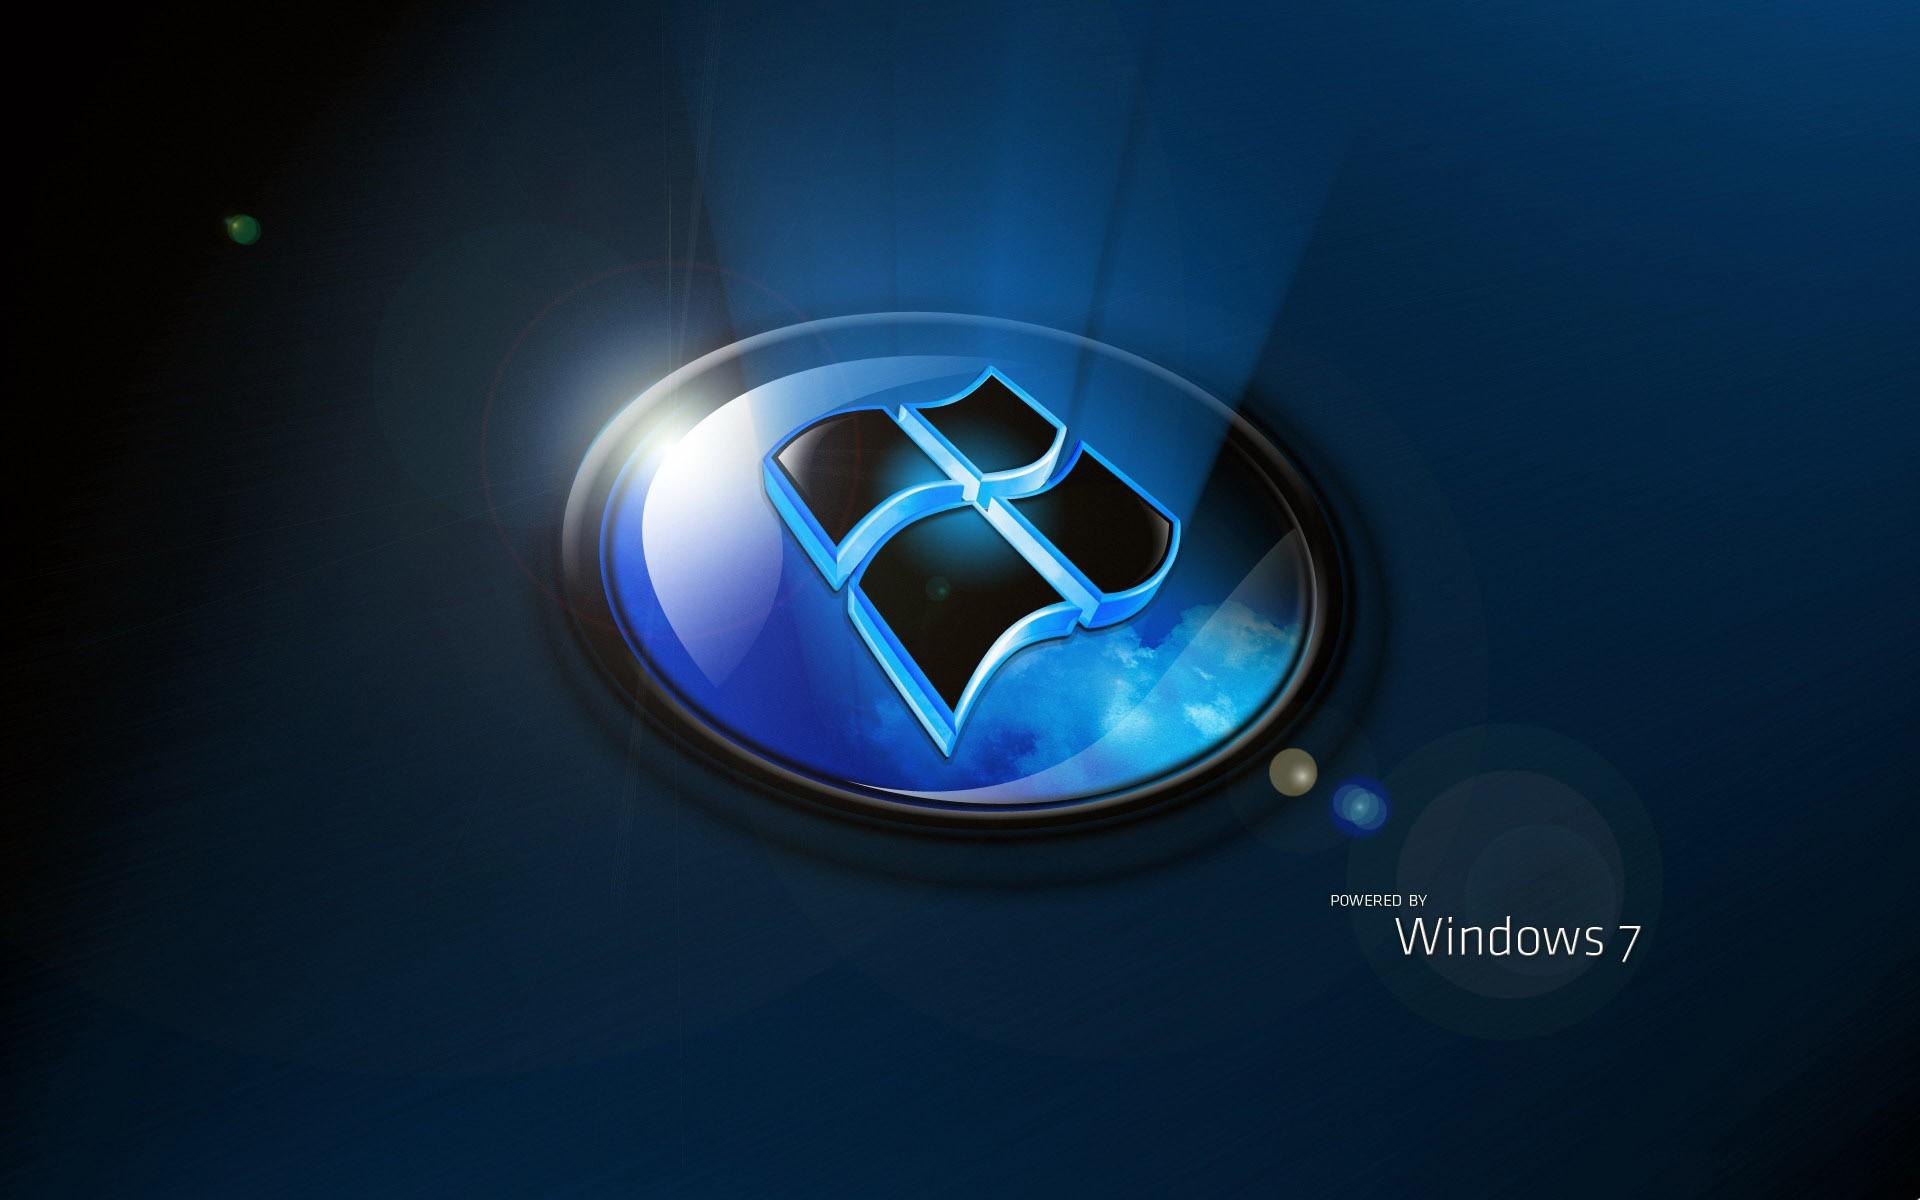 34 Desktop Backgrounds For Windows 7 ·â' Download Free